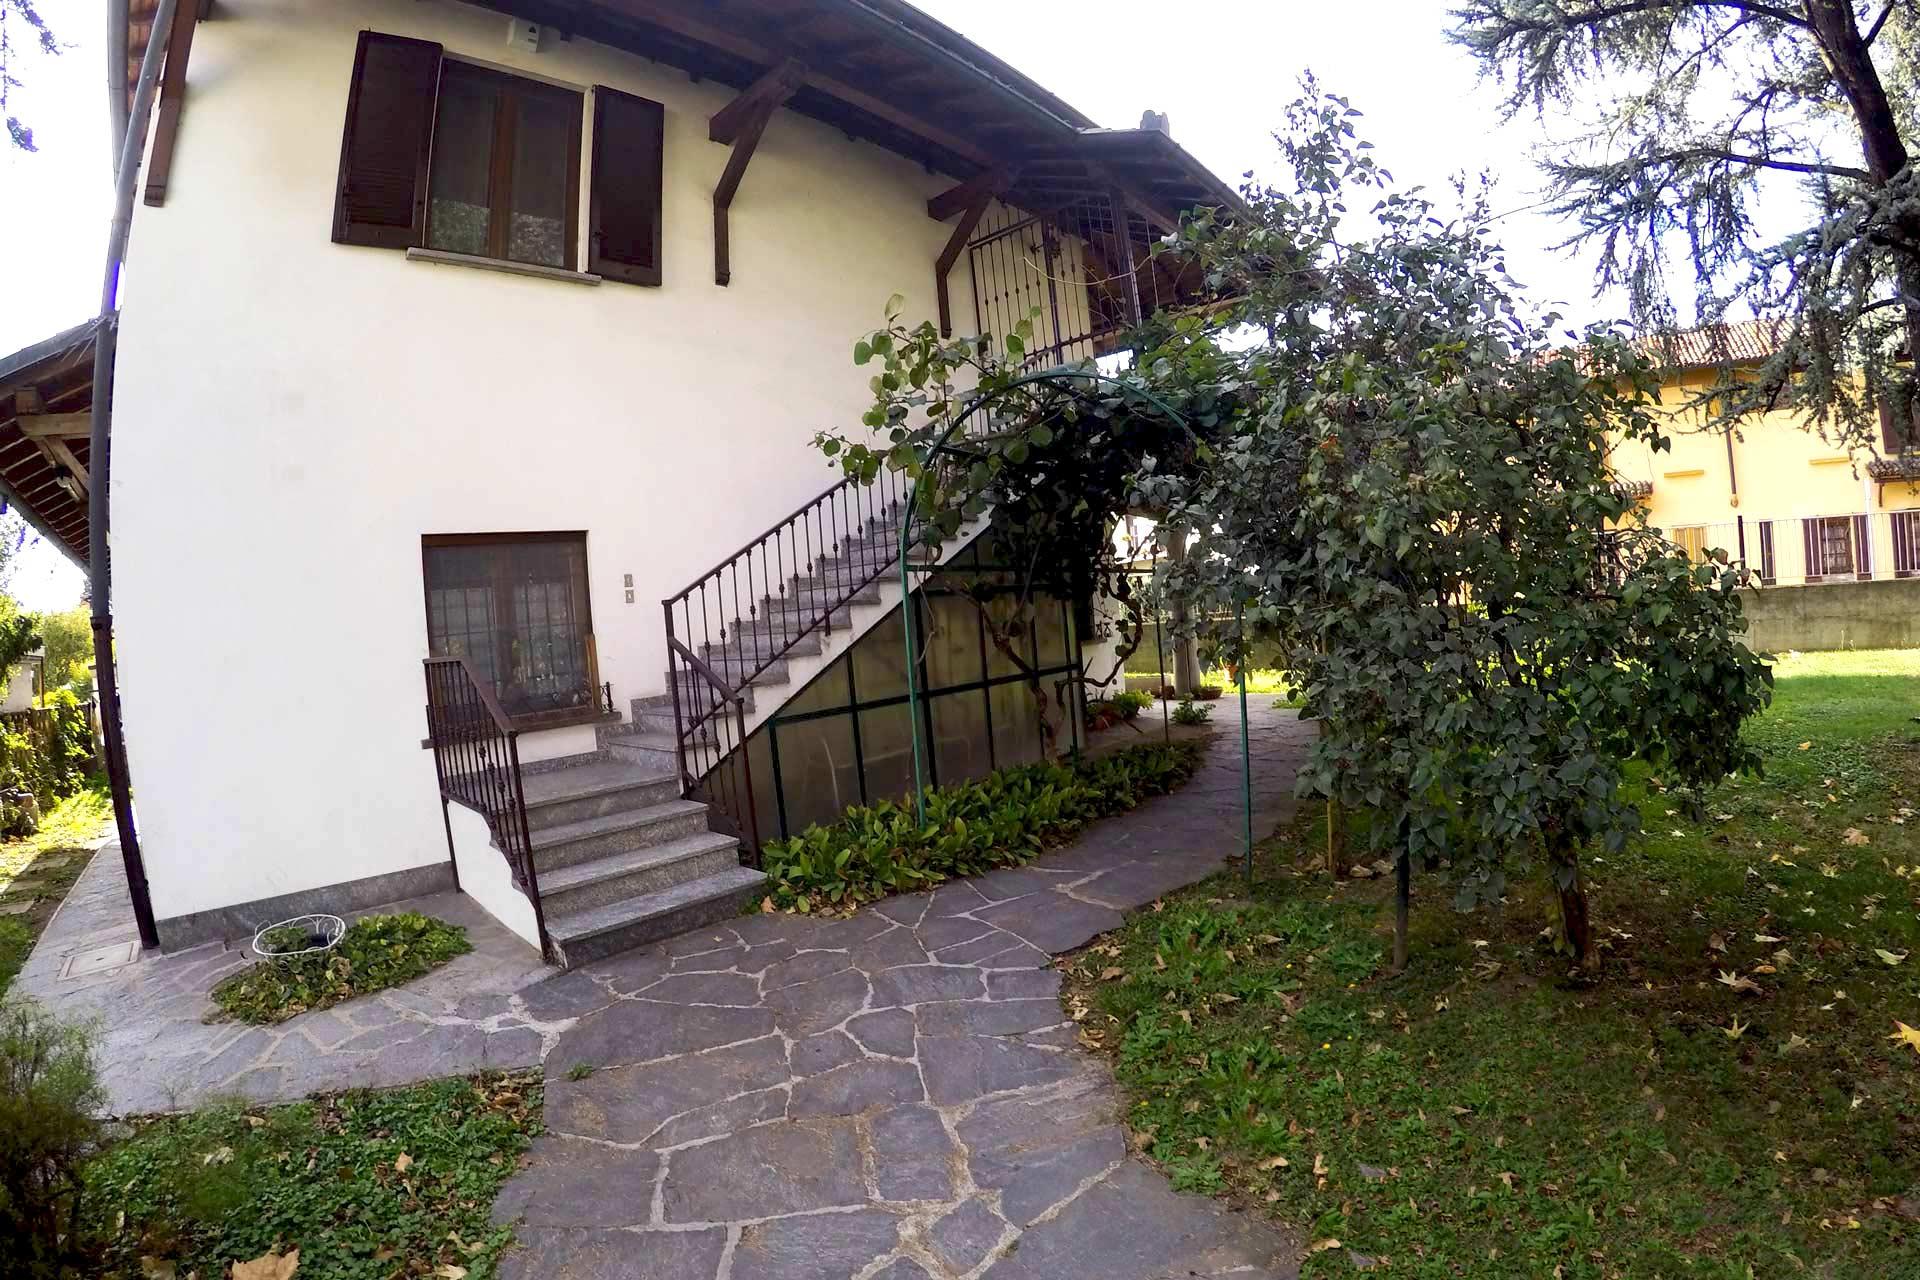 Studio Moretti